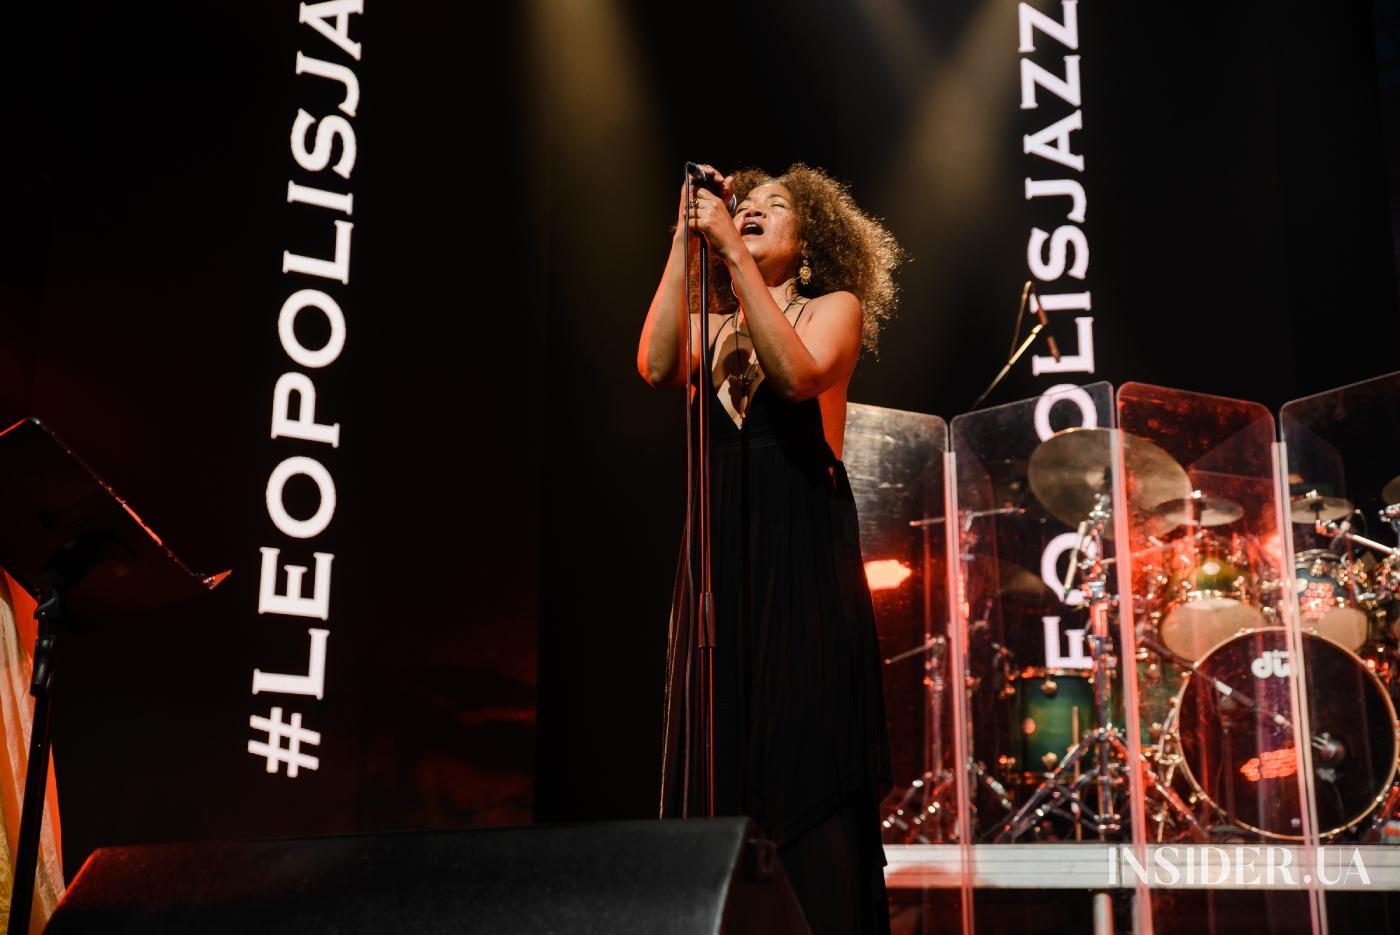 Именинник Коэн и колоритный Вашингтон: как прошел четвертый день Leopolis Jazz Fest 2021